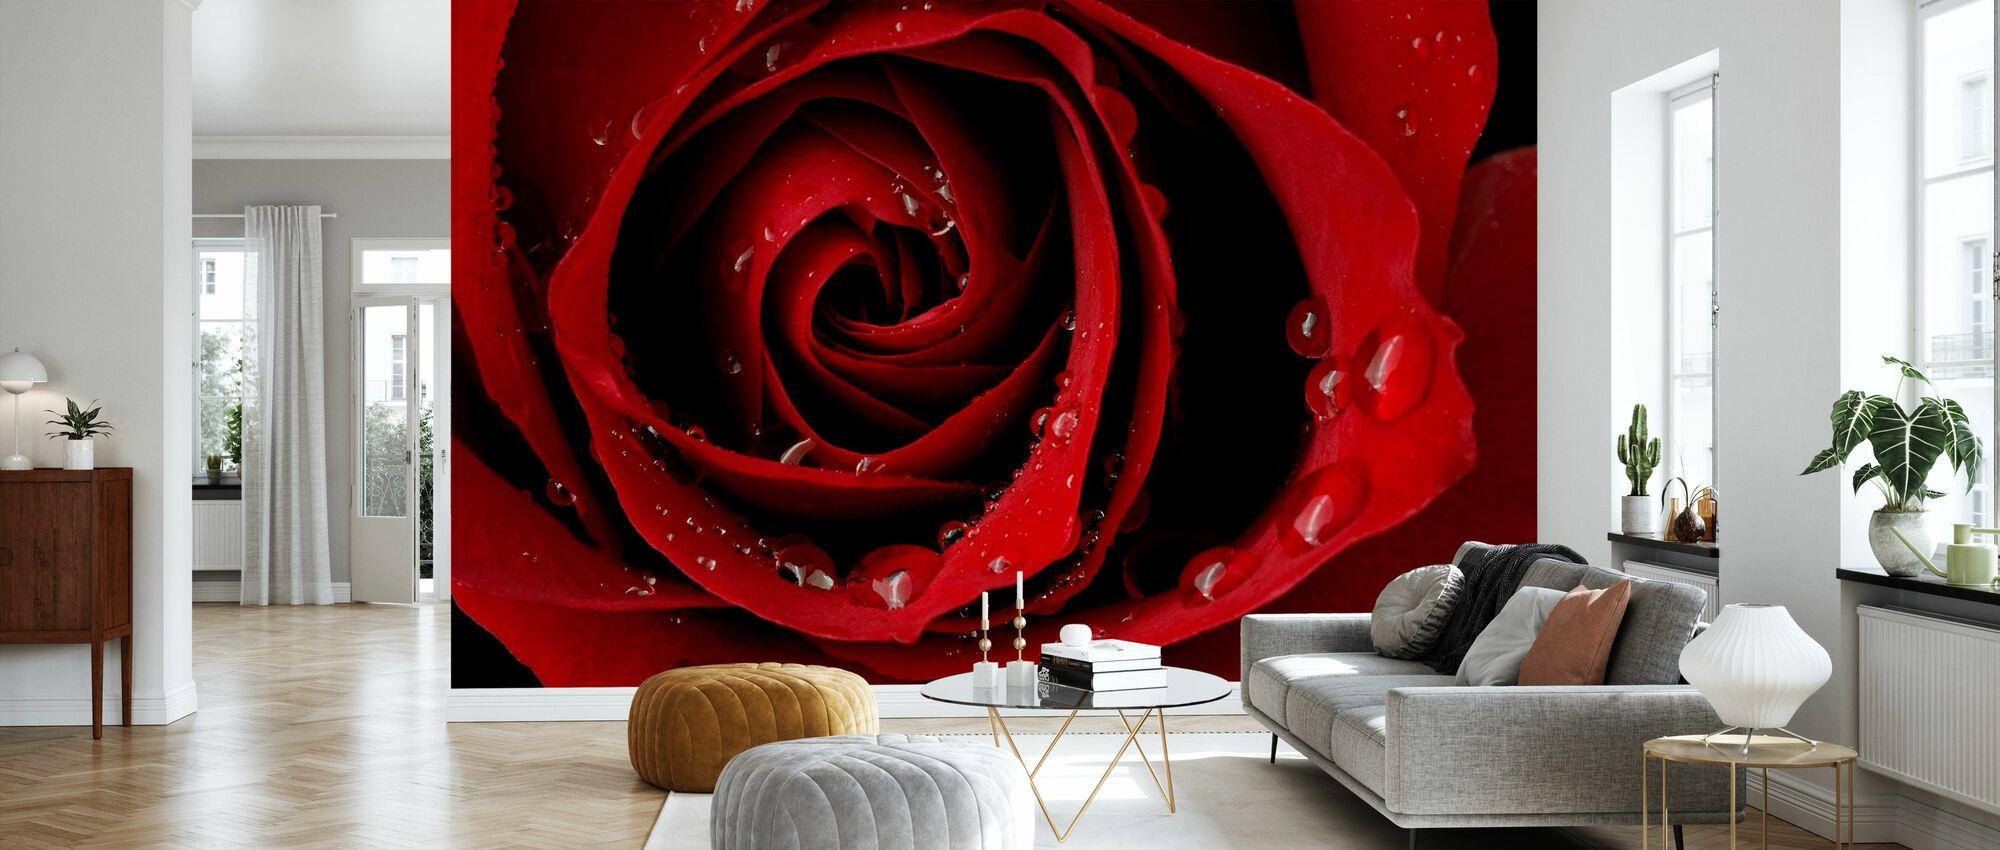 Rosa roja oscura - Papel pintado - Salón